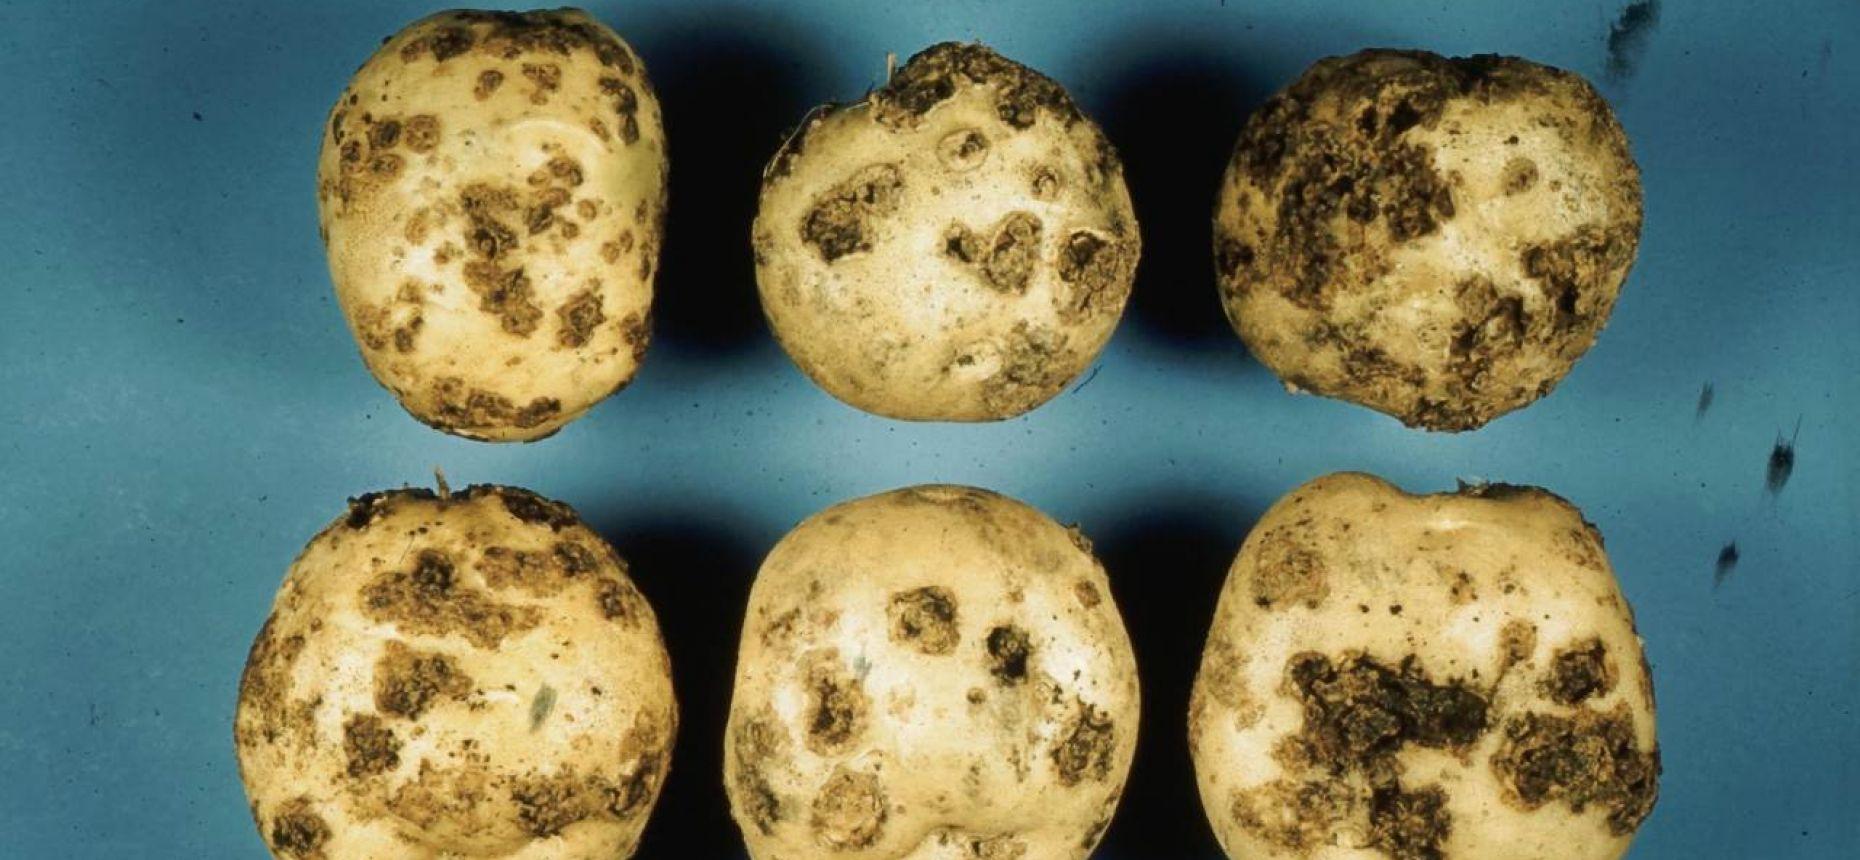 Парша обыкновенная картофеля - Streptomyces scabies (Thaxter)  Waksman et Henrici.